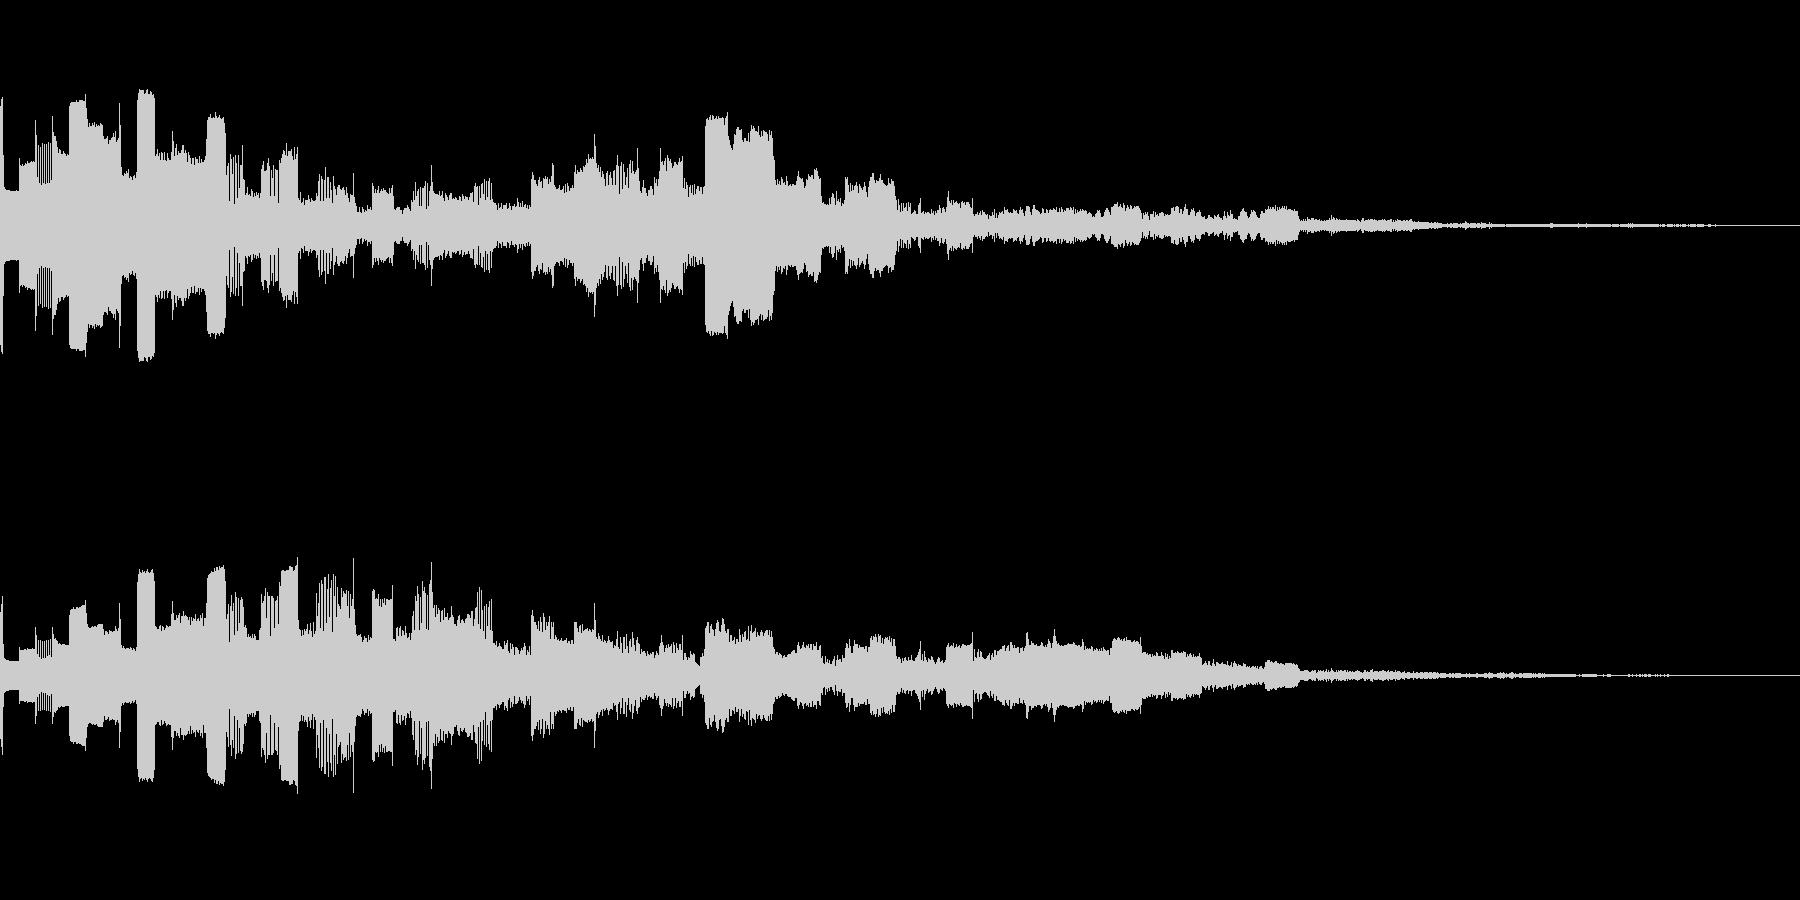 ピココン(電子音_01)の未再生の波形